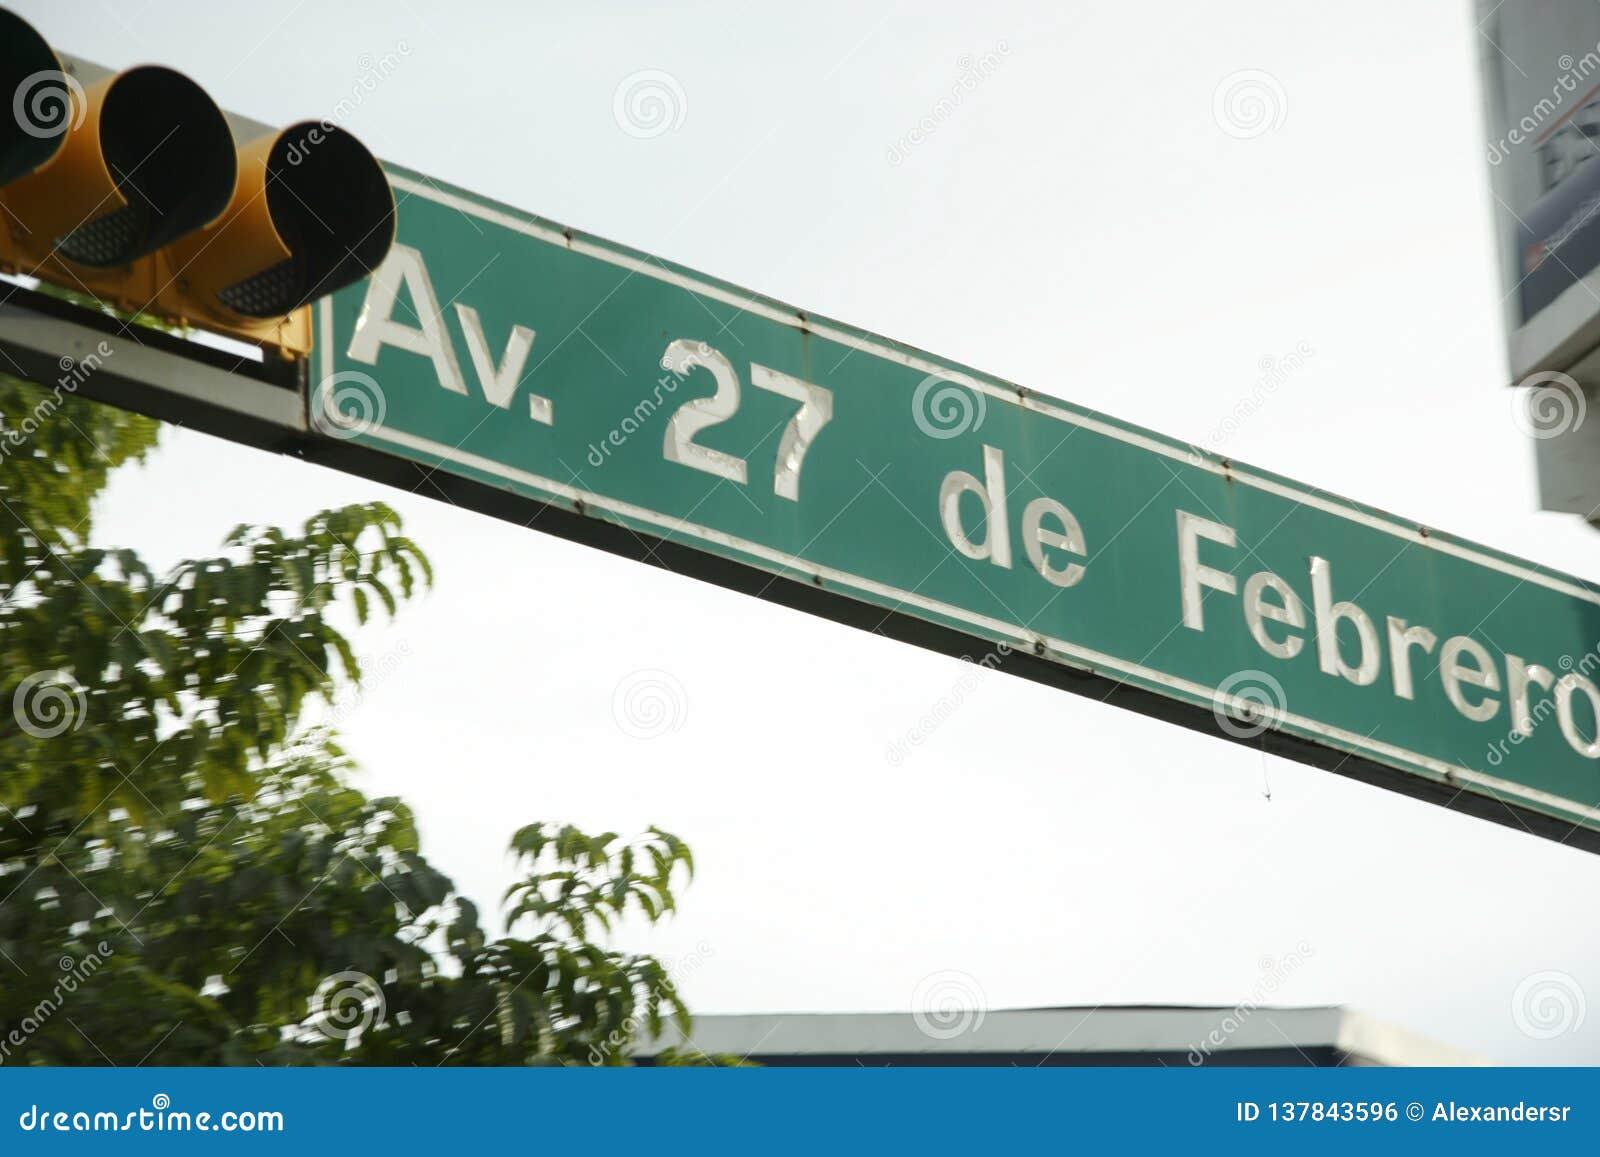 Trafikljus och trafiktecken för den 27 de febrero avenyn, Villahermosa, tabasco, Mexico